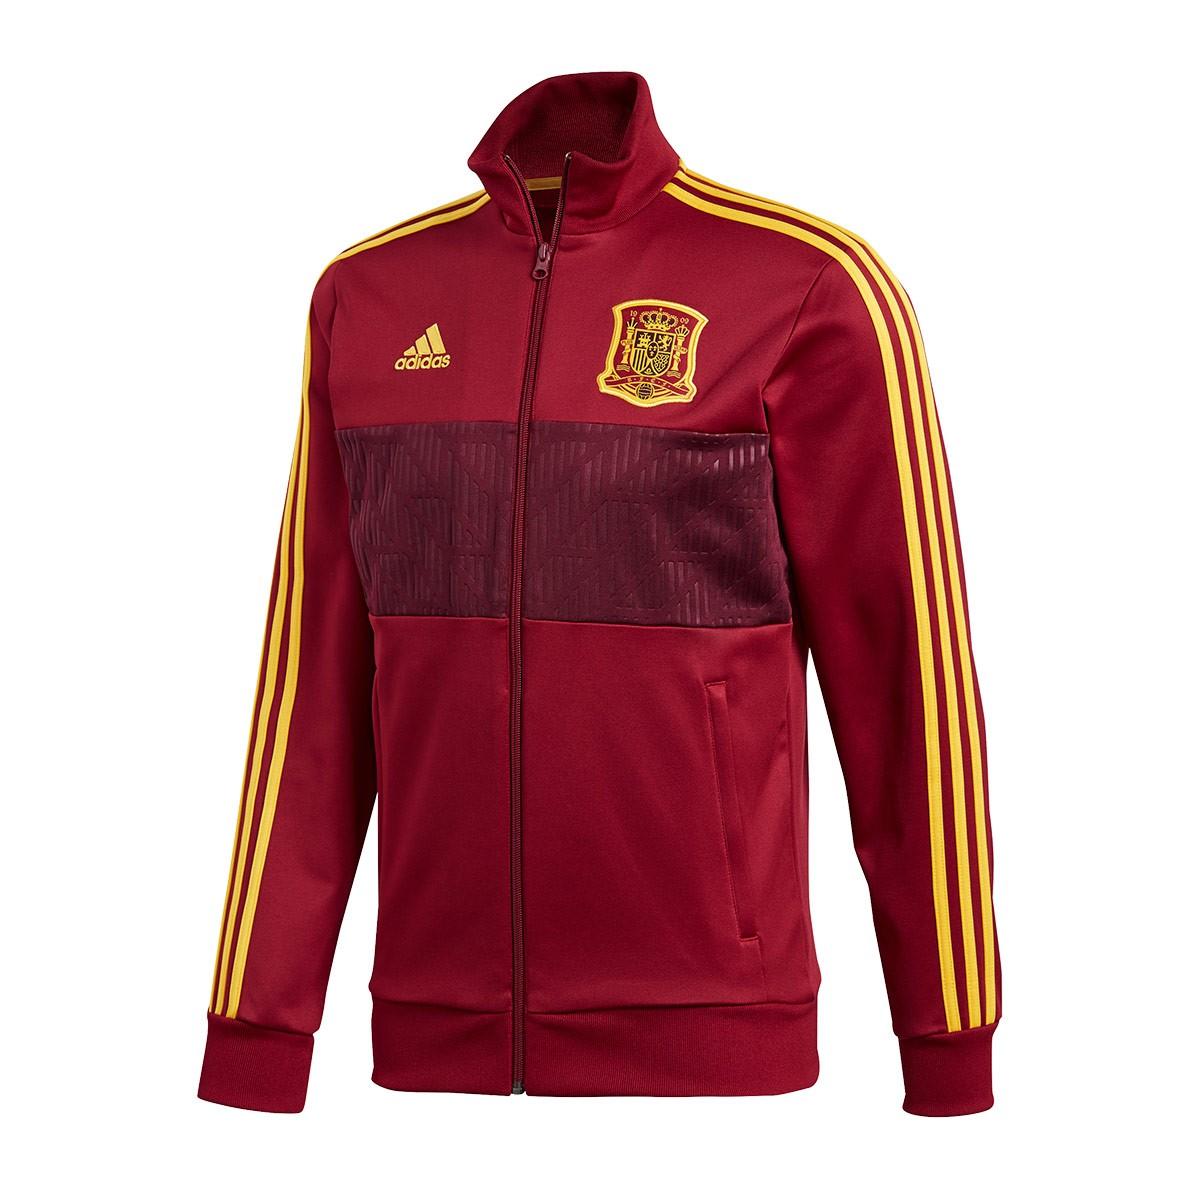 esposas Escoba Subvención  Jacket adidas Spain 3S Track Top 2017-2018 Collegiate burgundy - Football  store Fútbol Emotion